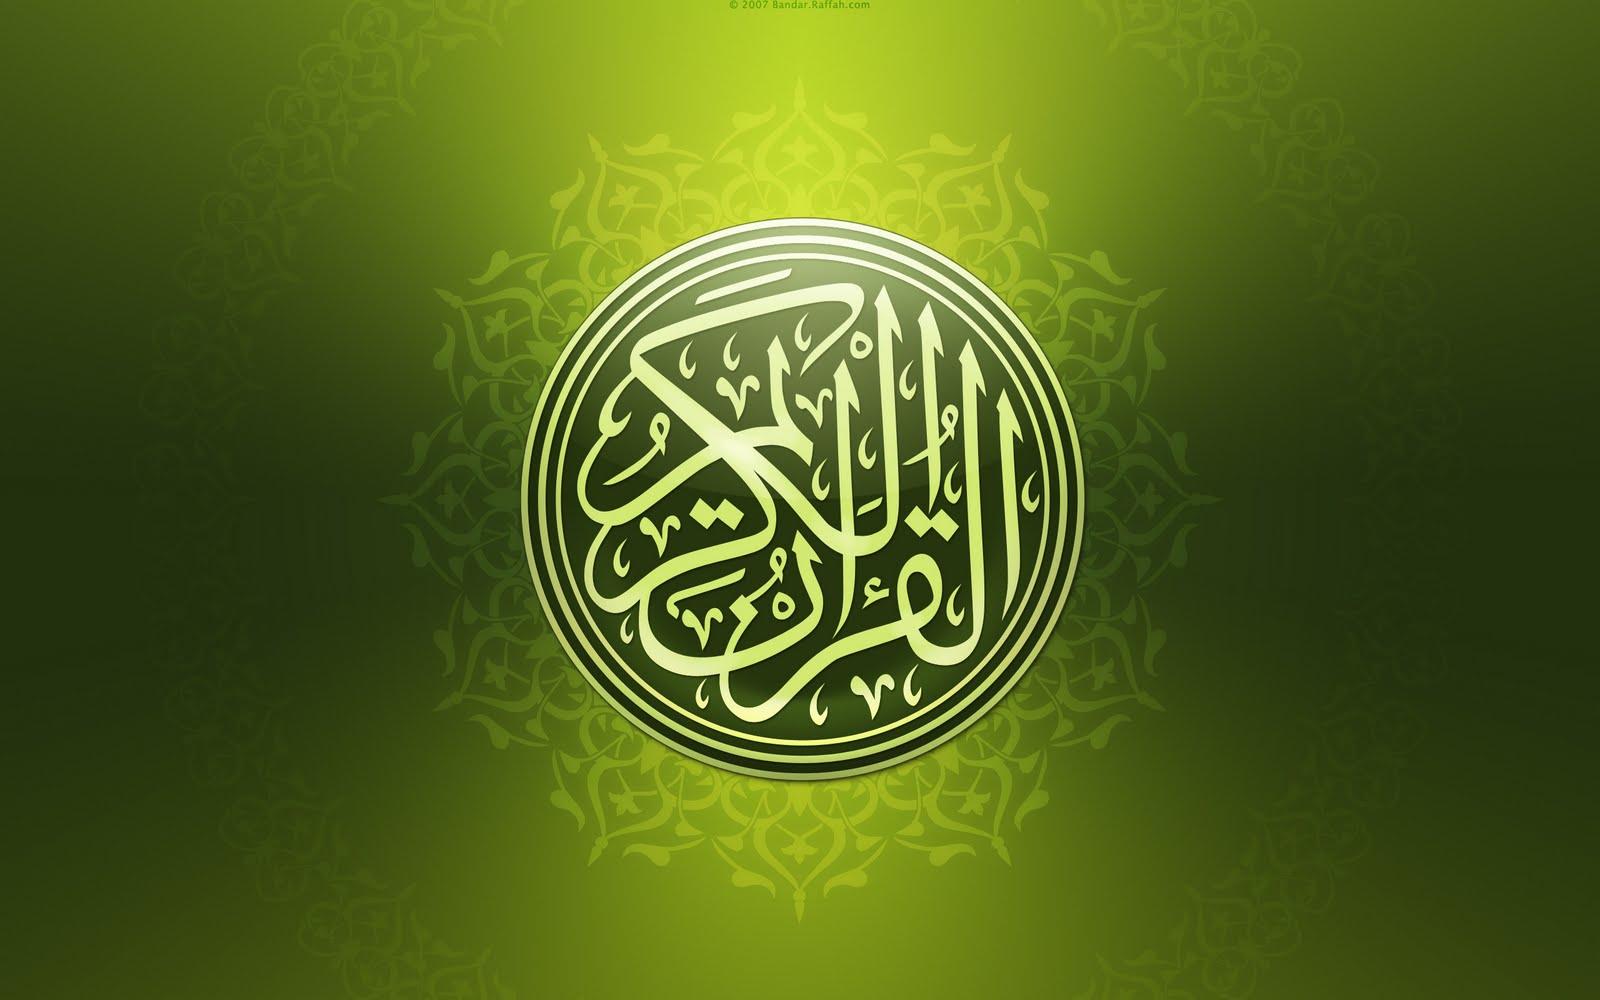 صورة صور خلفيات دينيه , بوستات وعبارات اسلاميه رائعه 2137 8